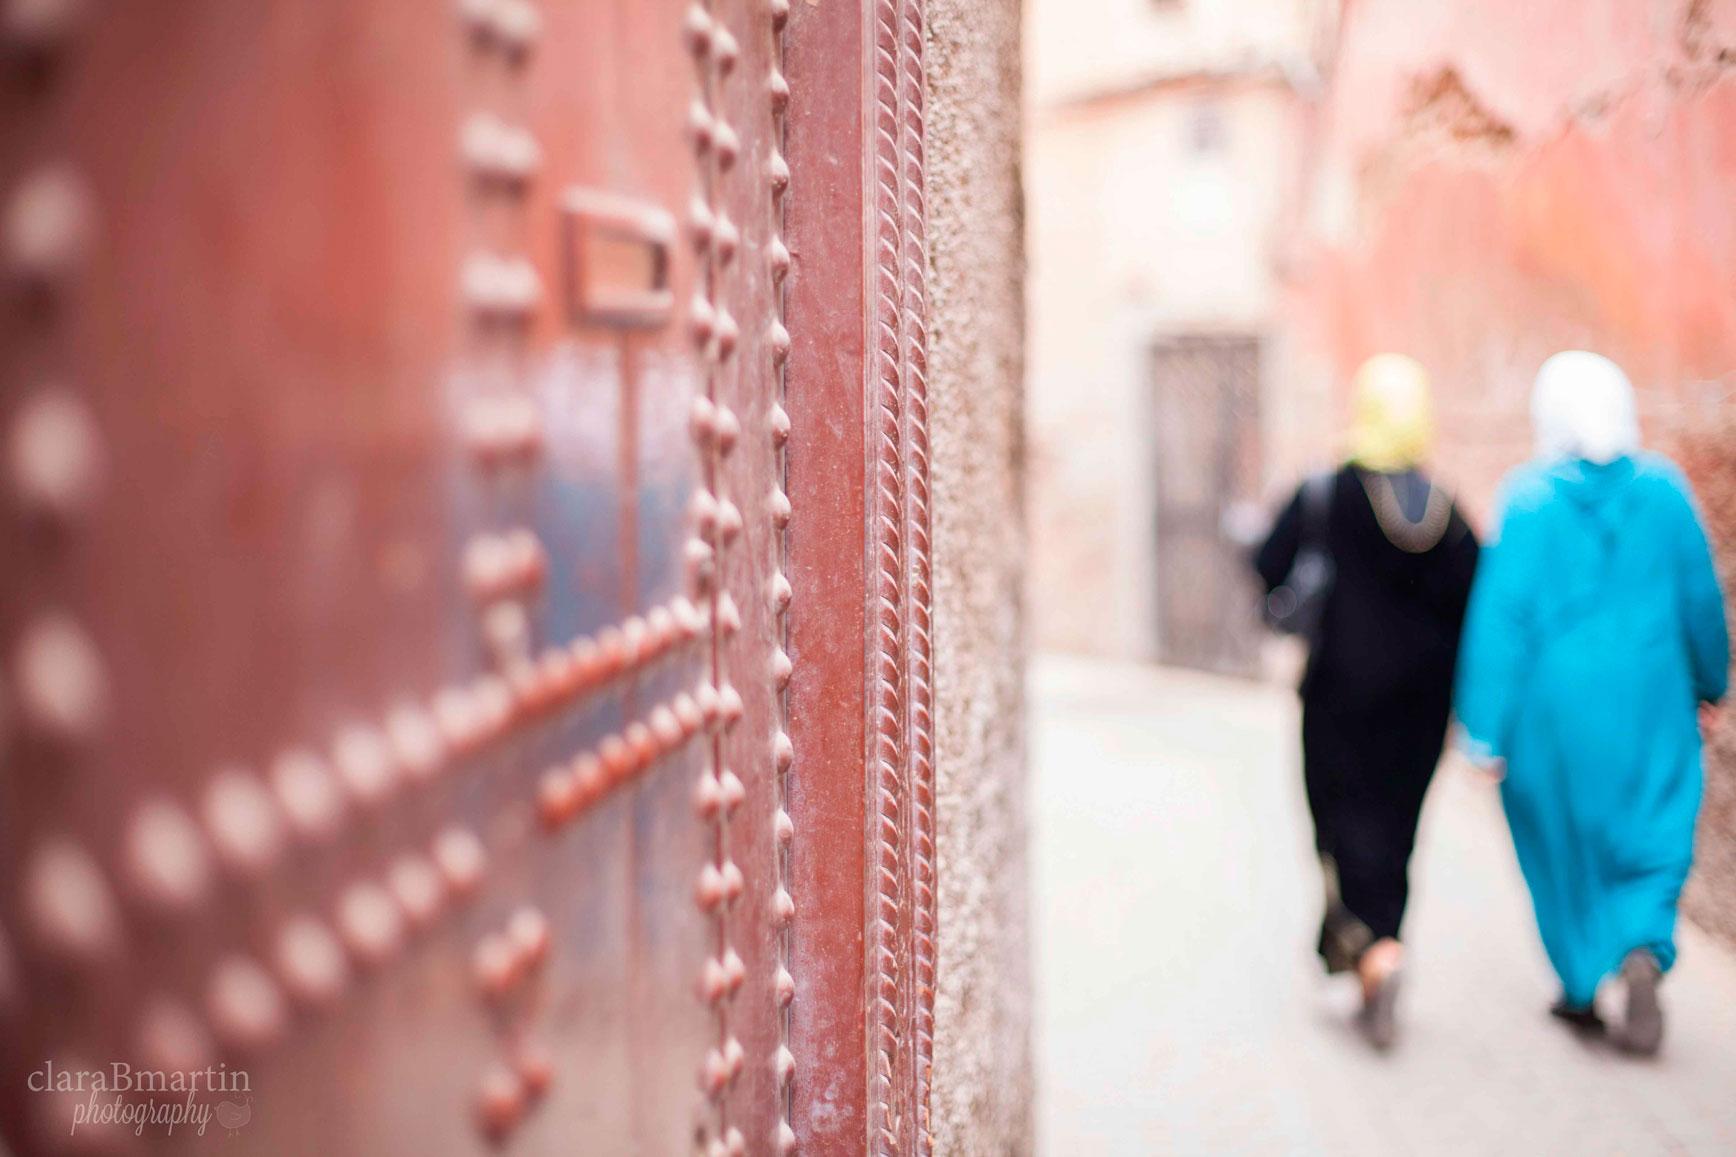 Marrakech_claraBmartin_09